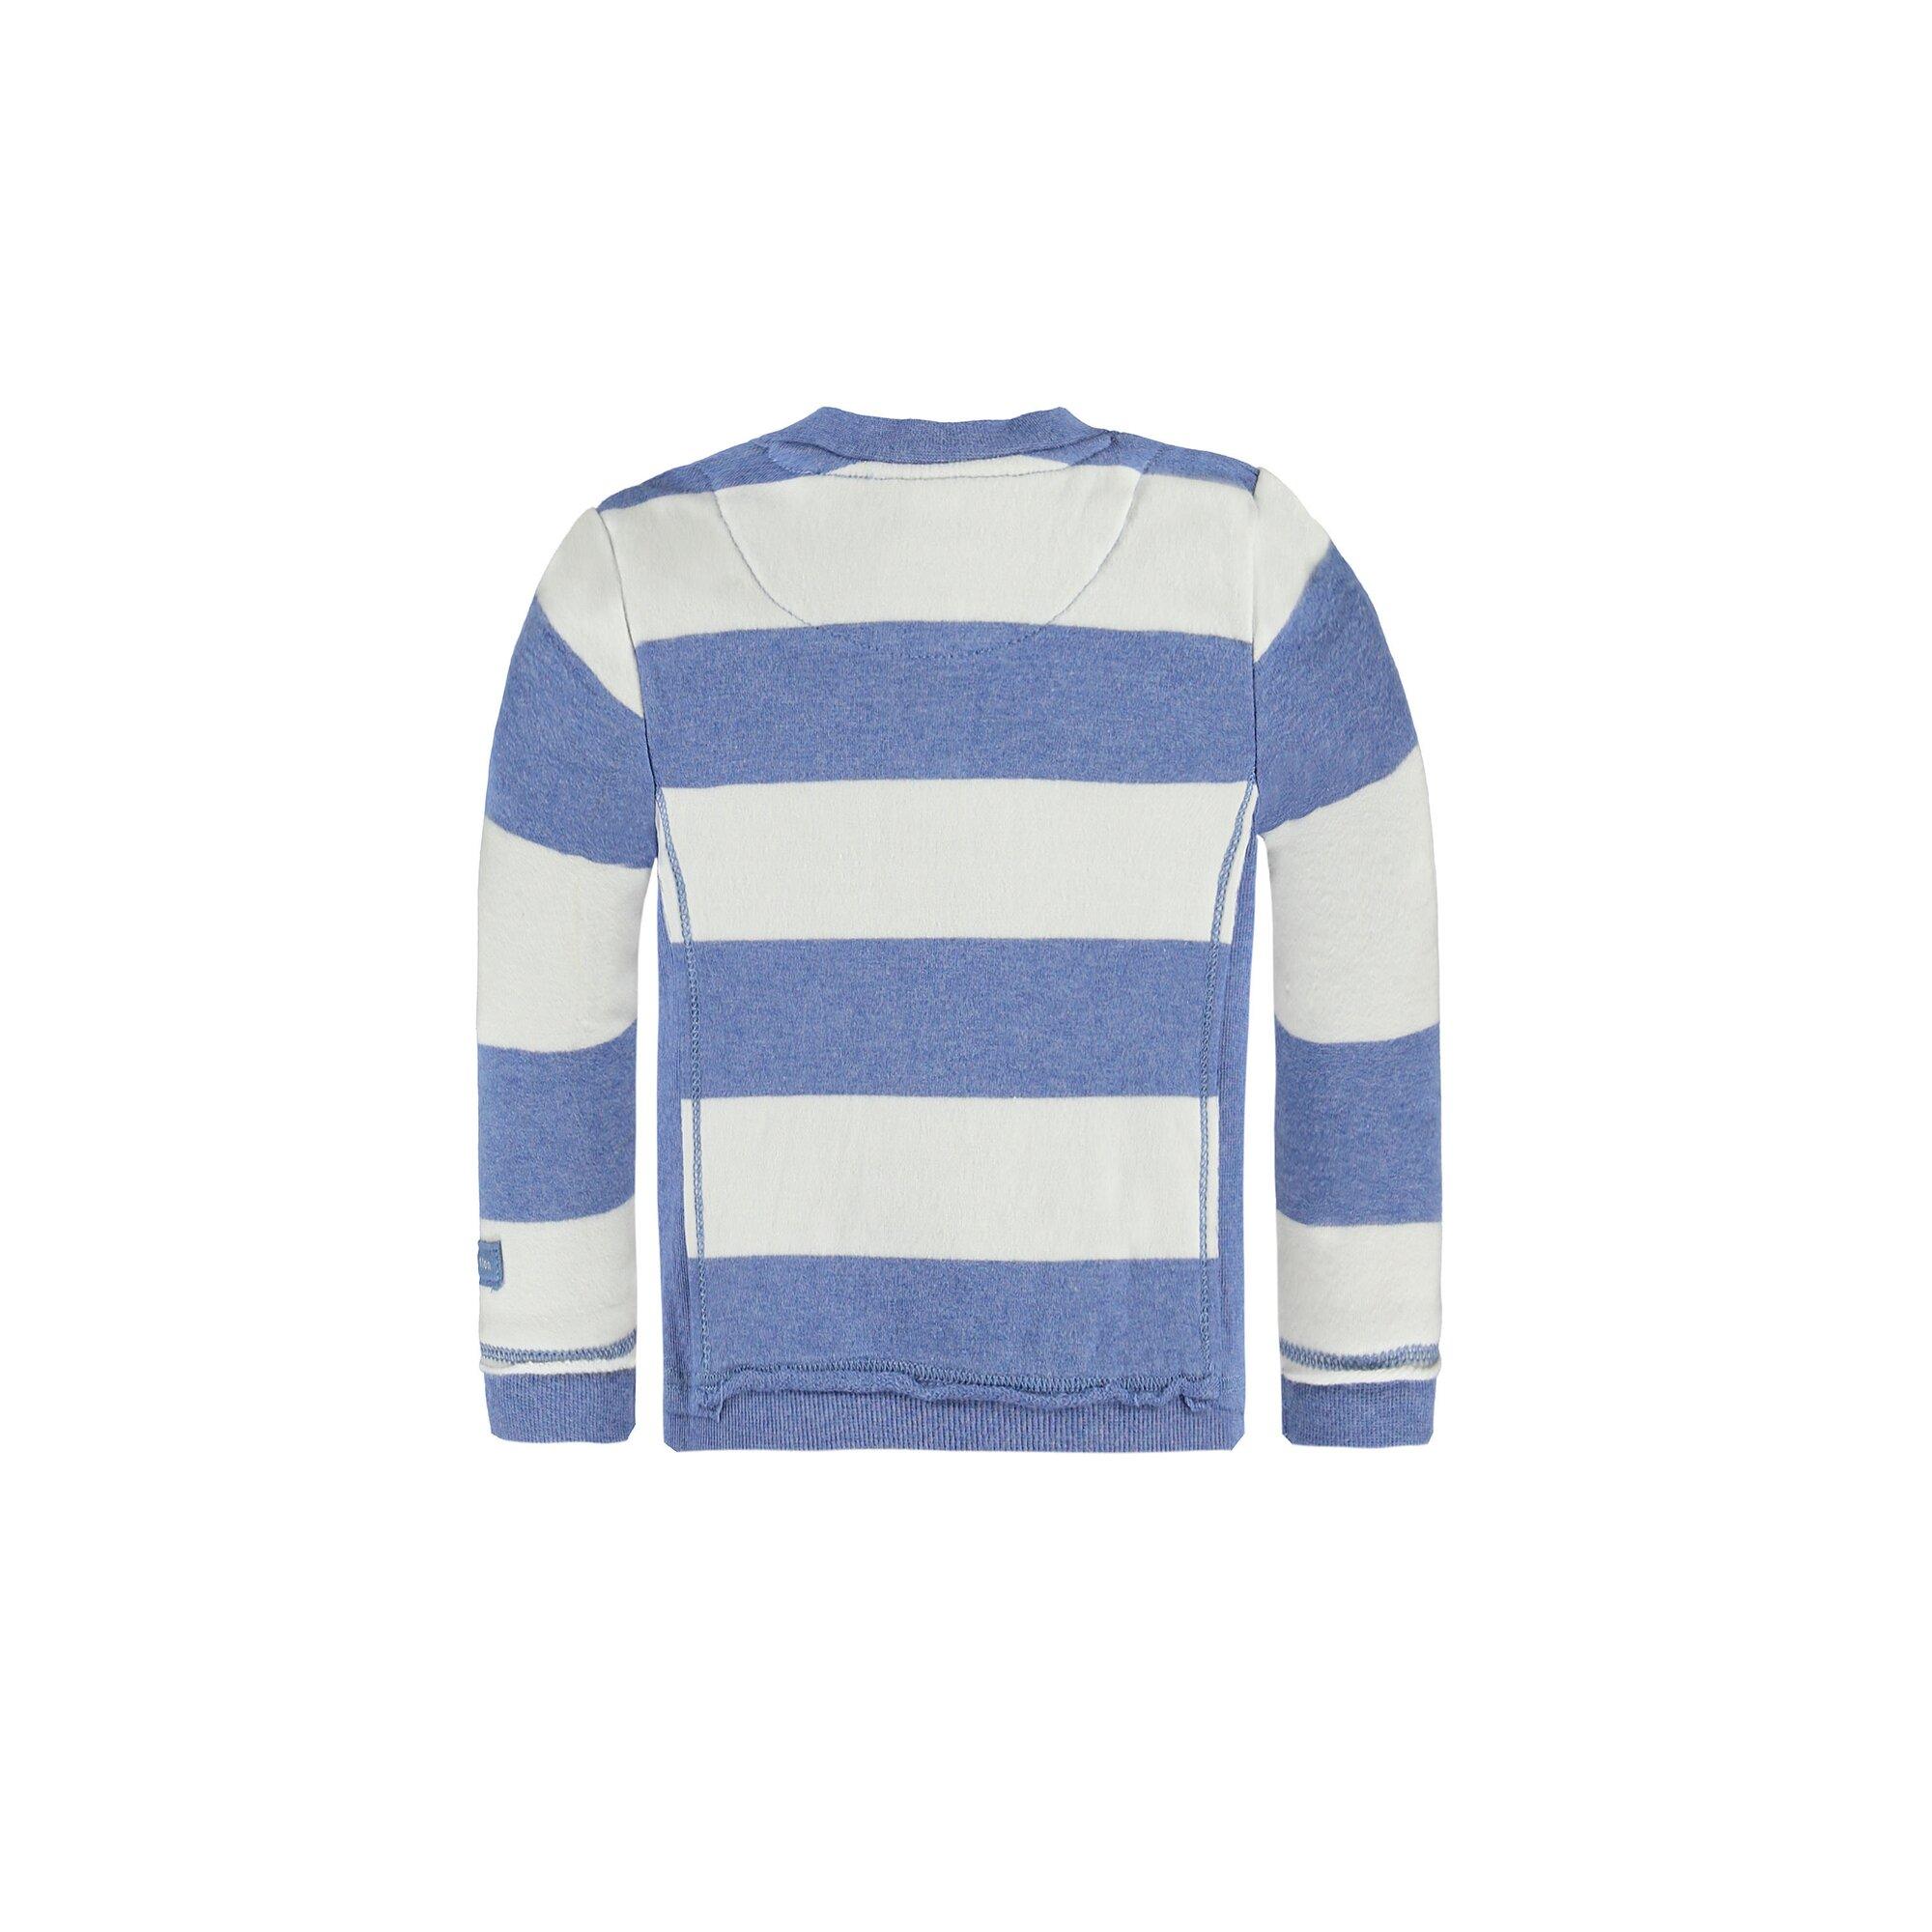 bellybutton-baby-sweatshirt-mit-breiten-streifen